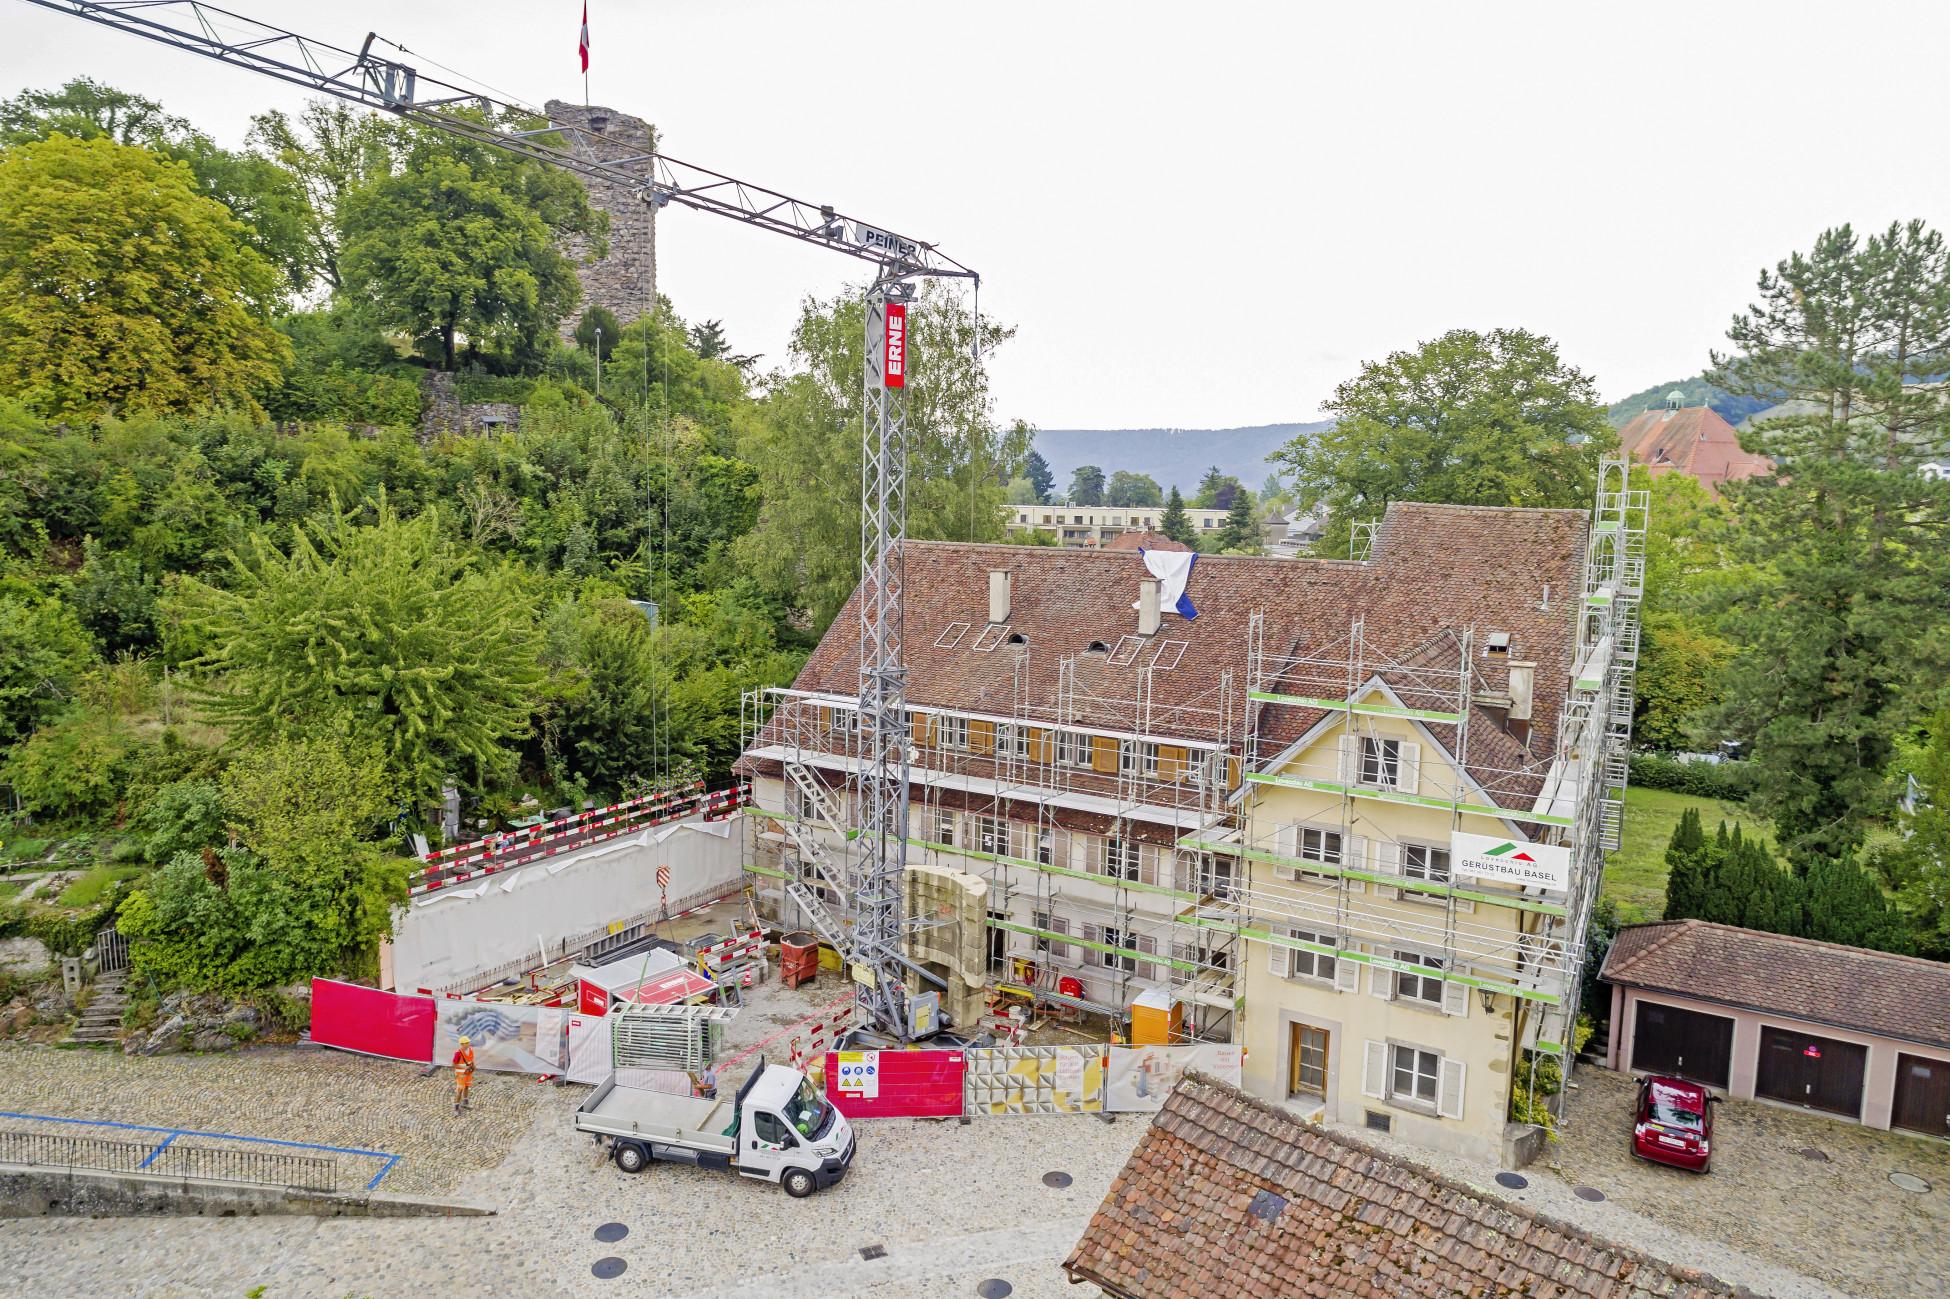 Neubauarbeiten am historischen Gebäude in Laufenburg